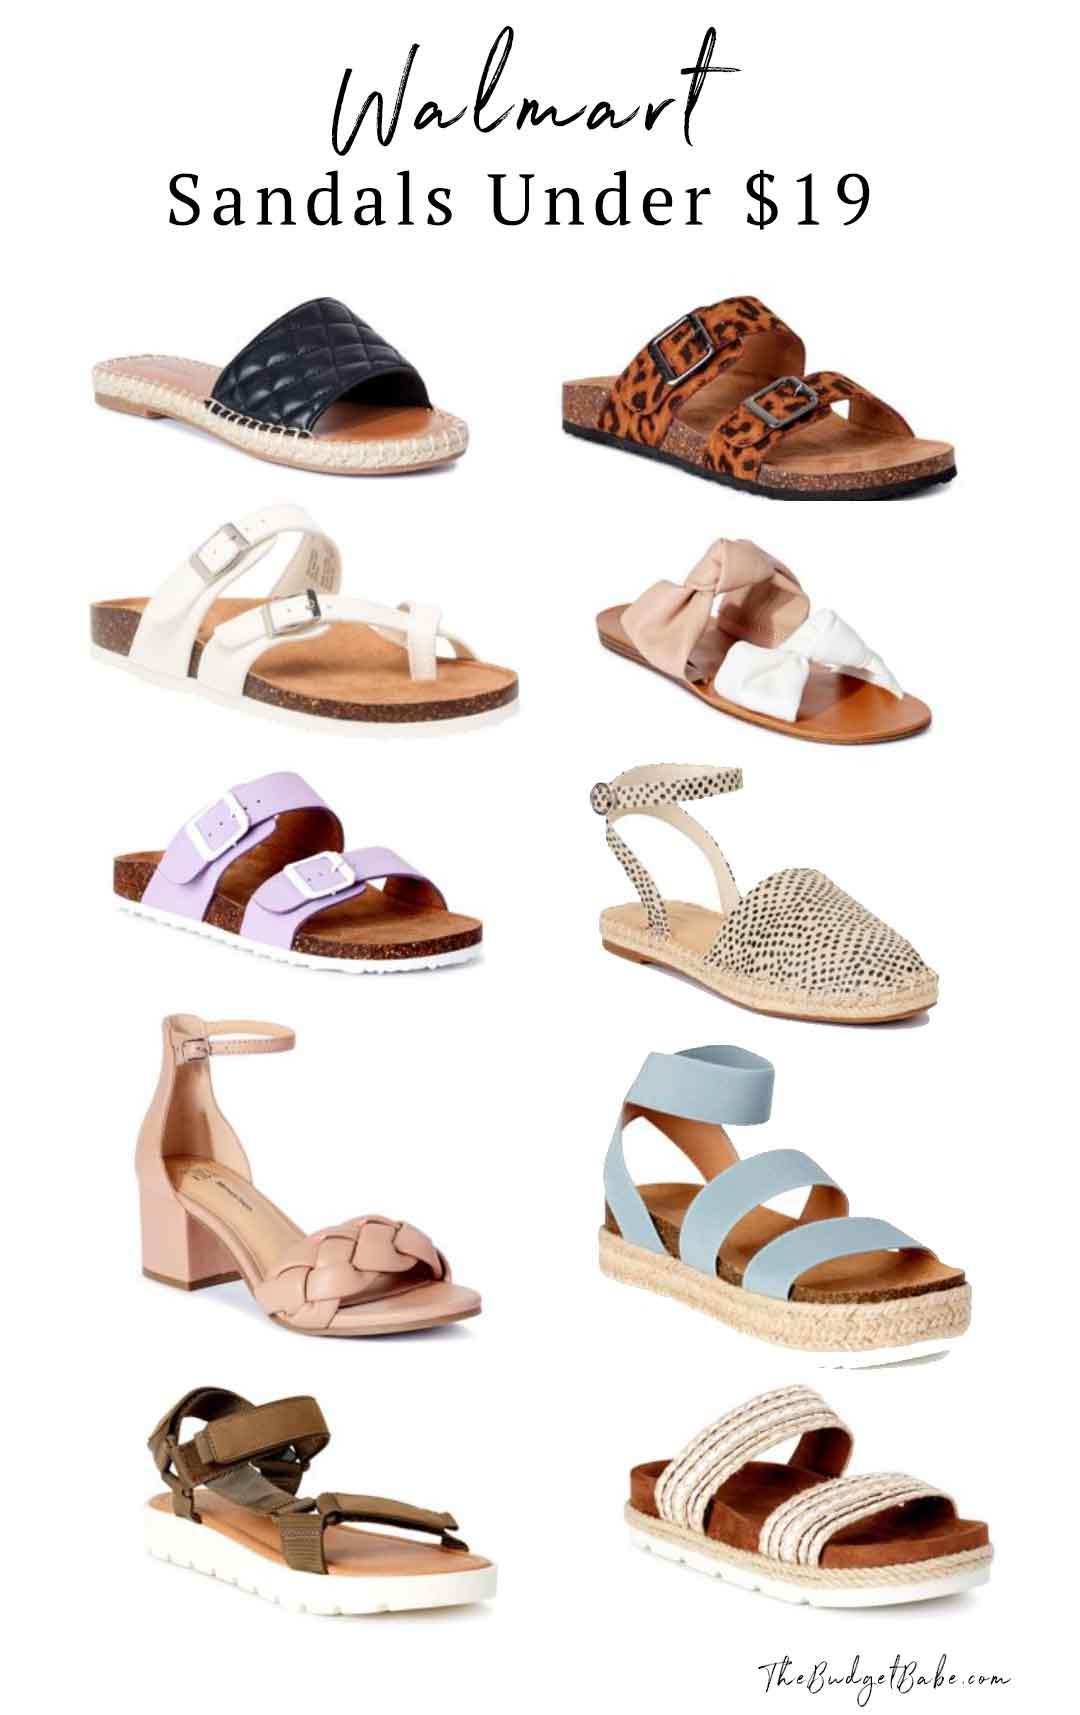 Walmart sandals under $19! New for 2021